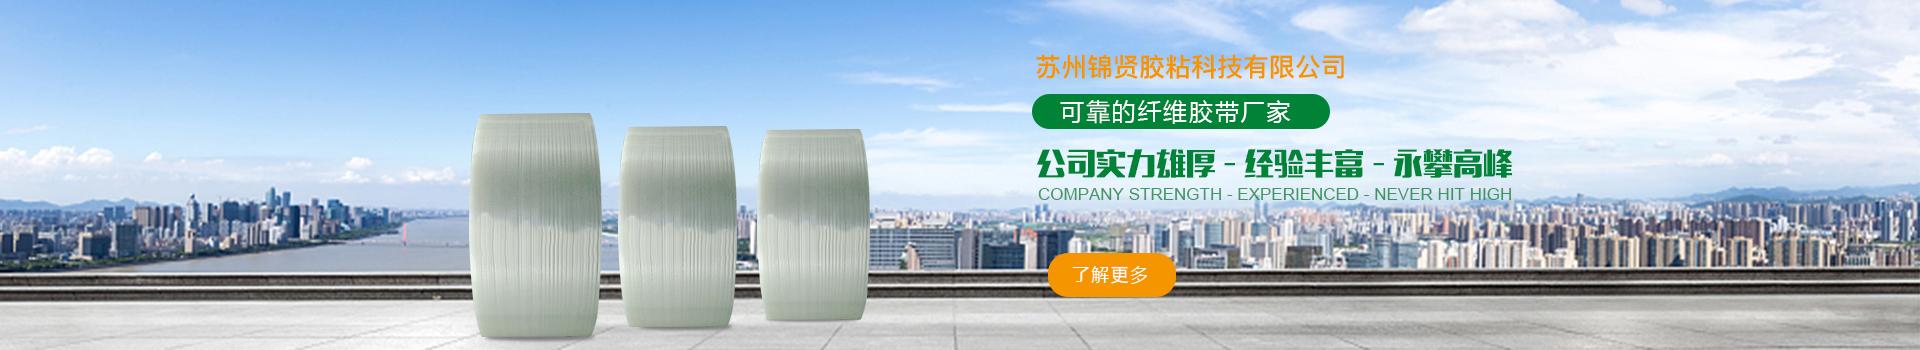 苏州锦贤胶粘科技有限公司